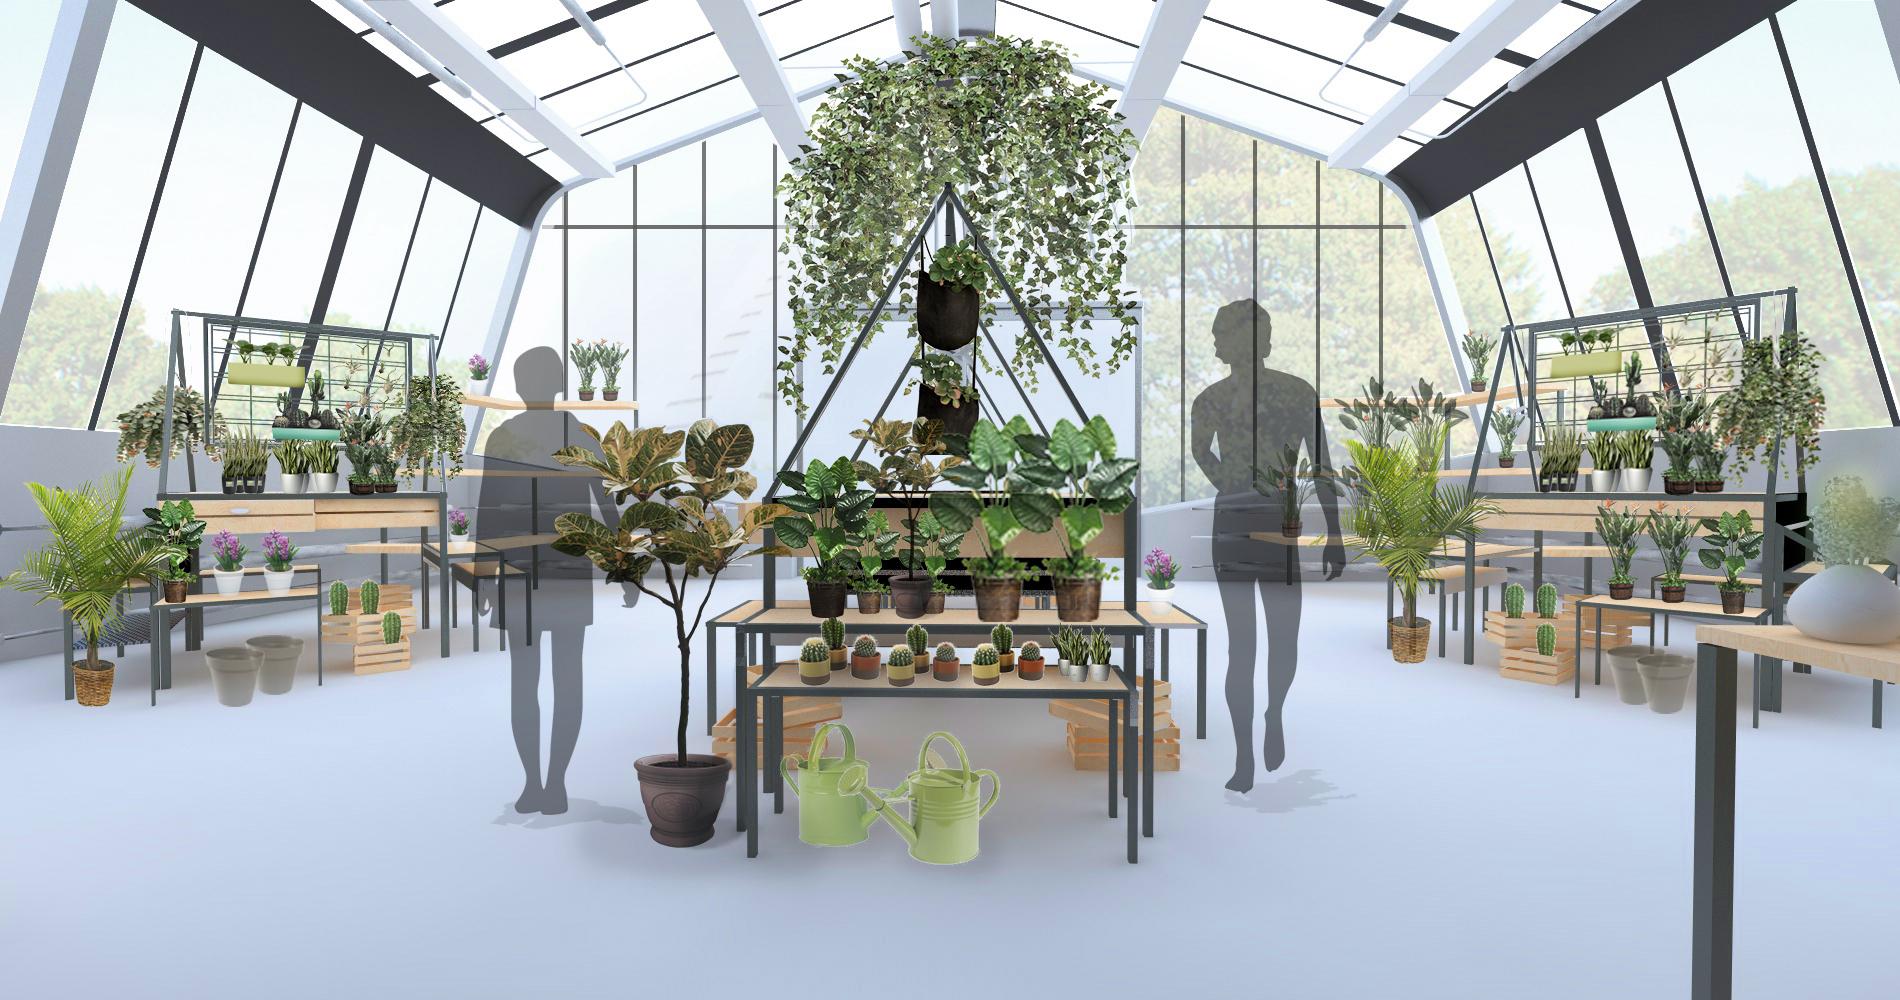 Jardinerie de la boutique du jardin botanique de montr al for Boutique jardin botanique